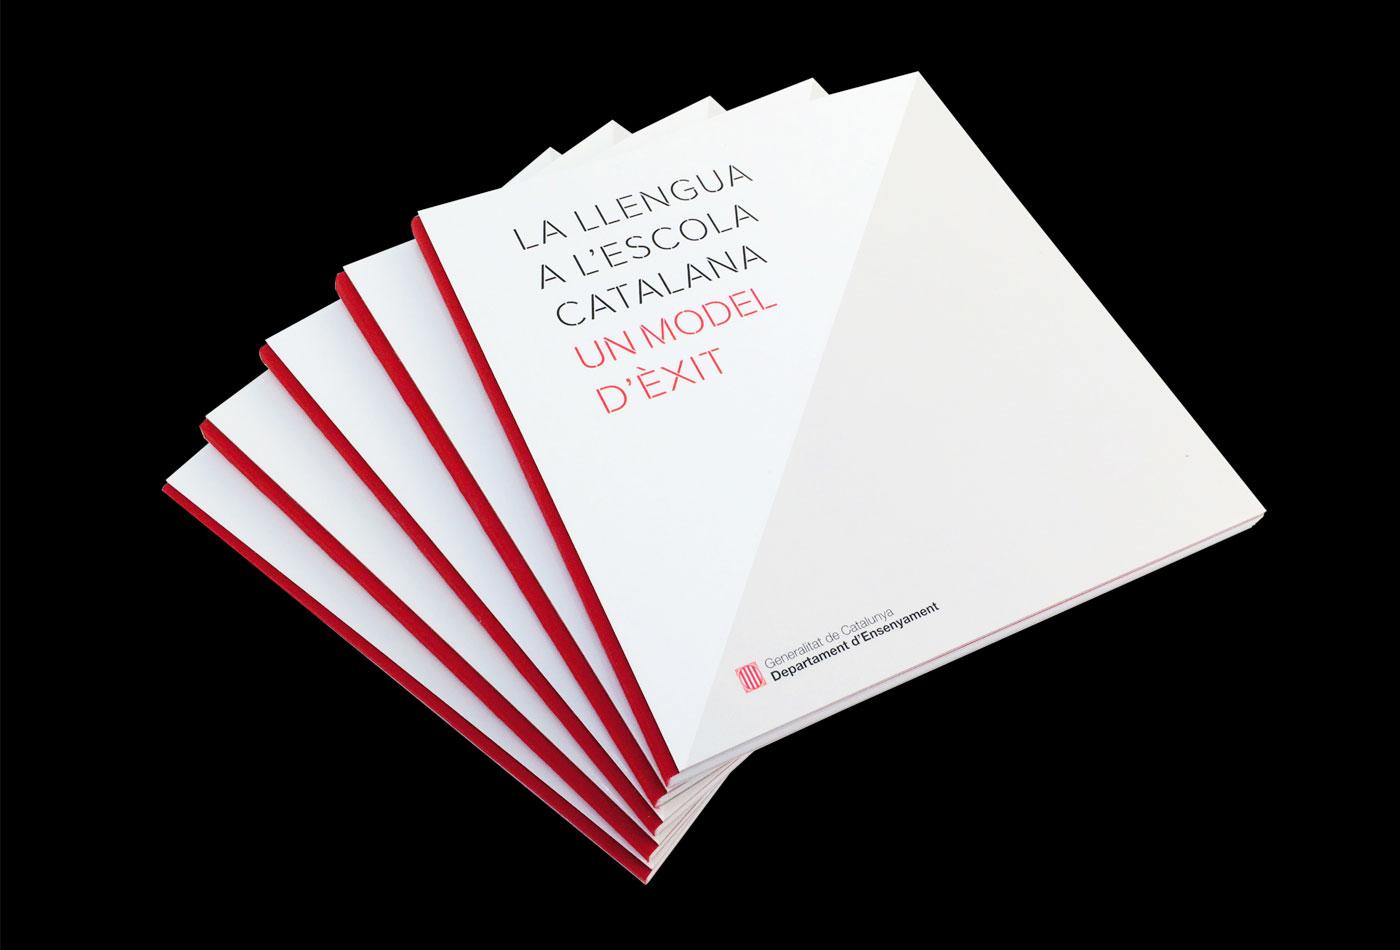 escola-catalana-llibre-catala-generalitat